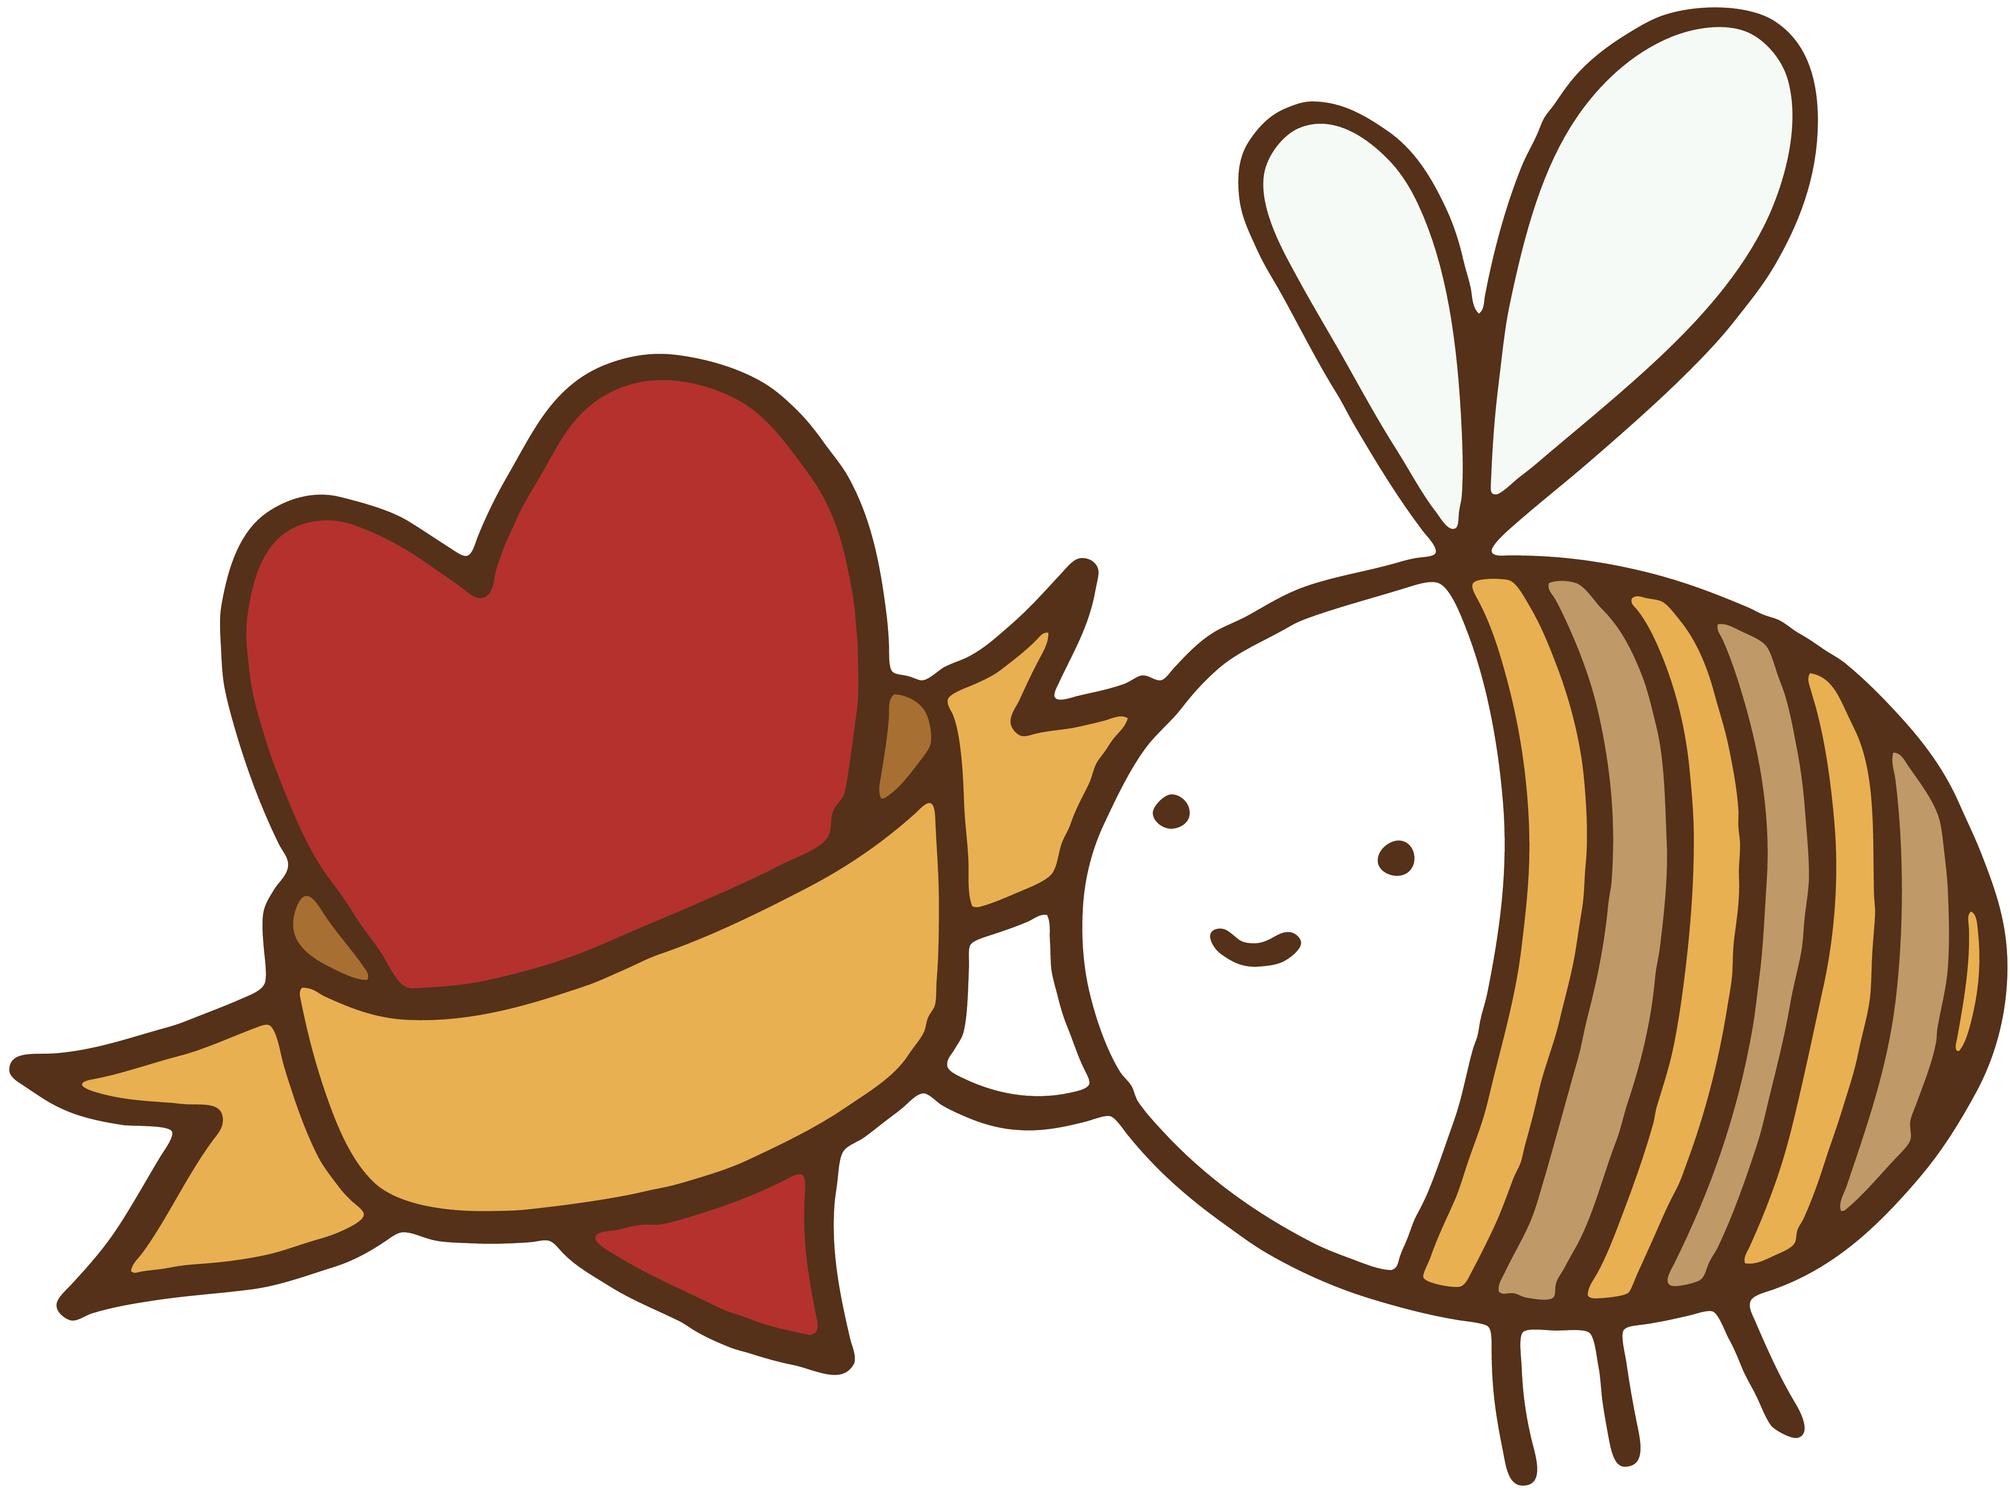 am 31.1.19 startet das Volksbegehren Rettet die Bienen